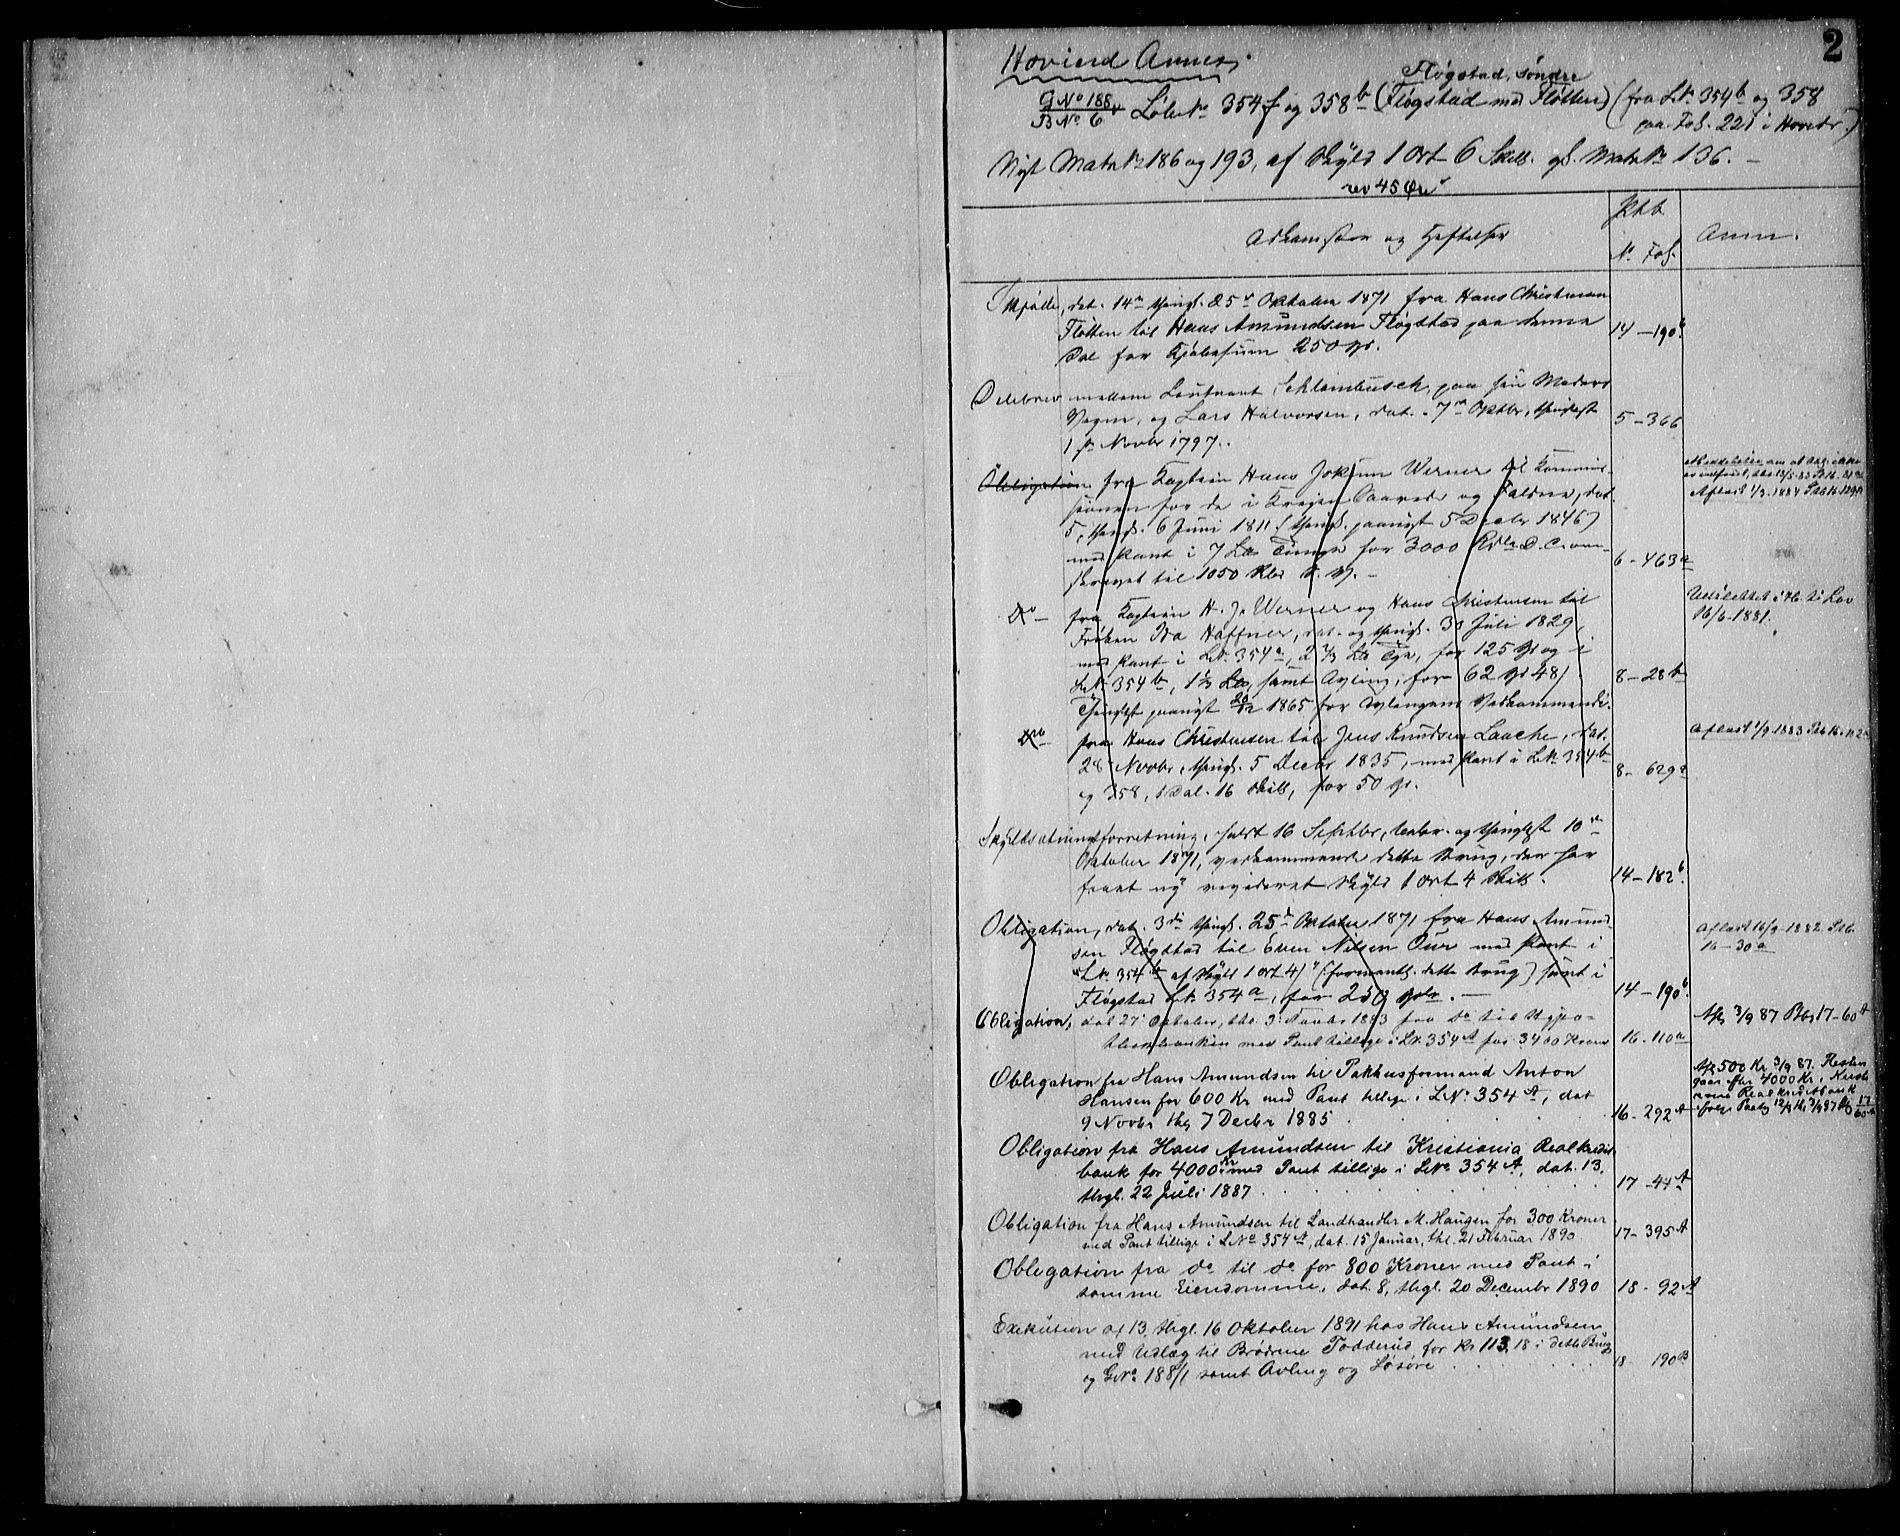 SAO, Nes tingrett, G/Ga/Gab/Gaba/L0010: Panteregister nr. I 10, s. 2